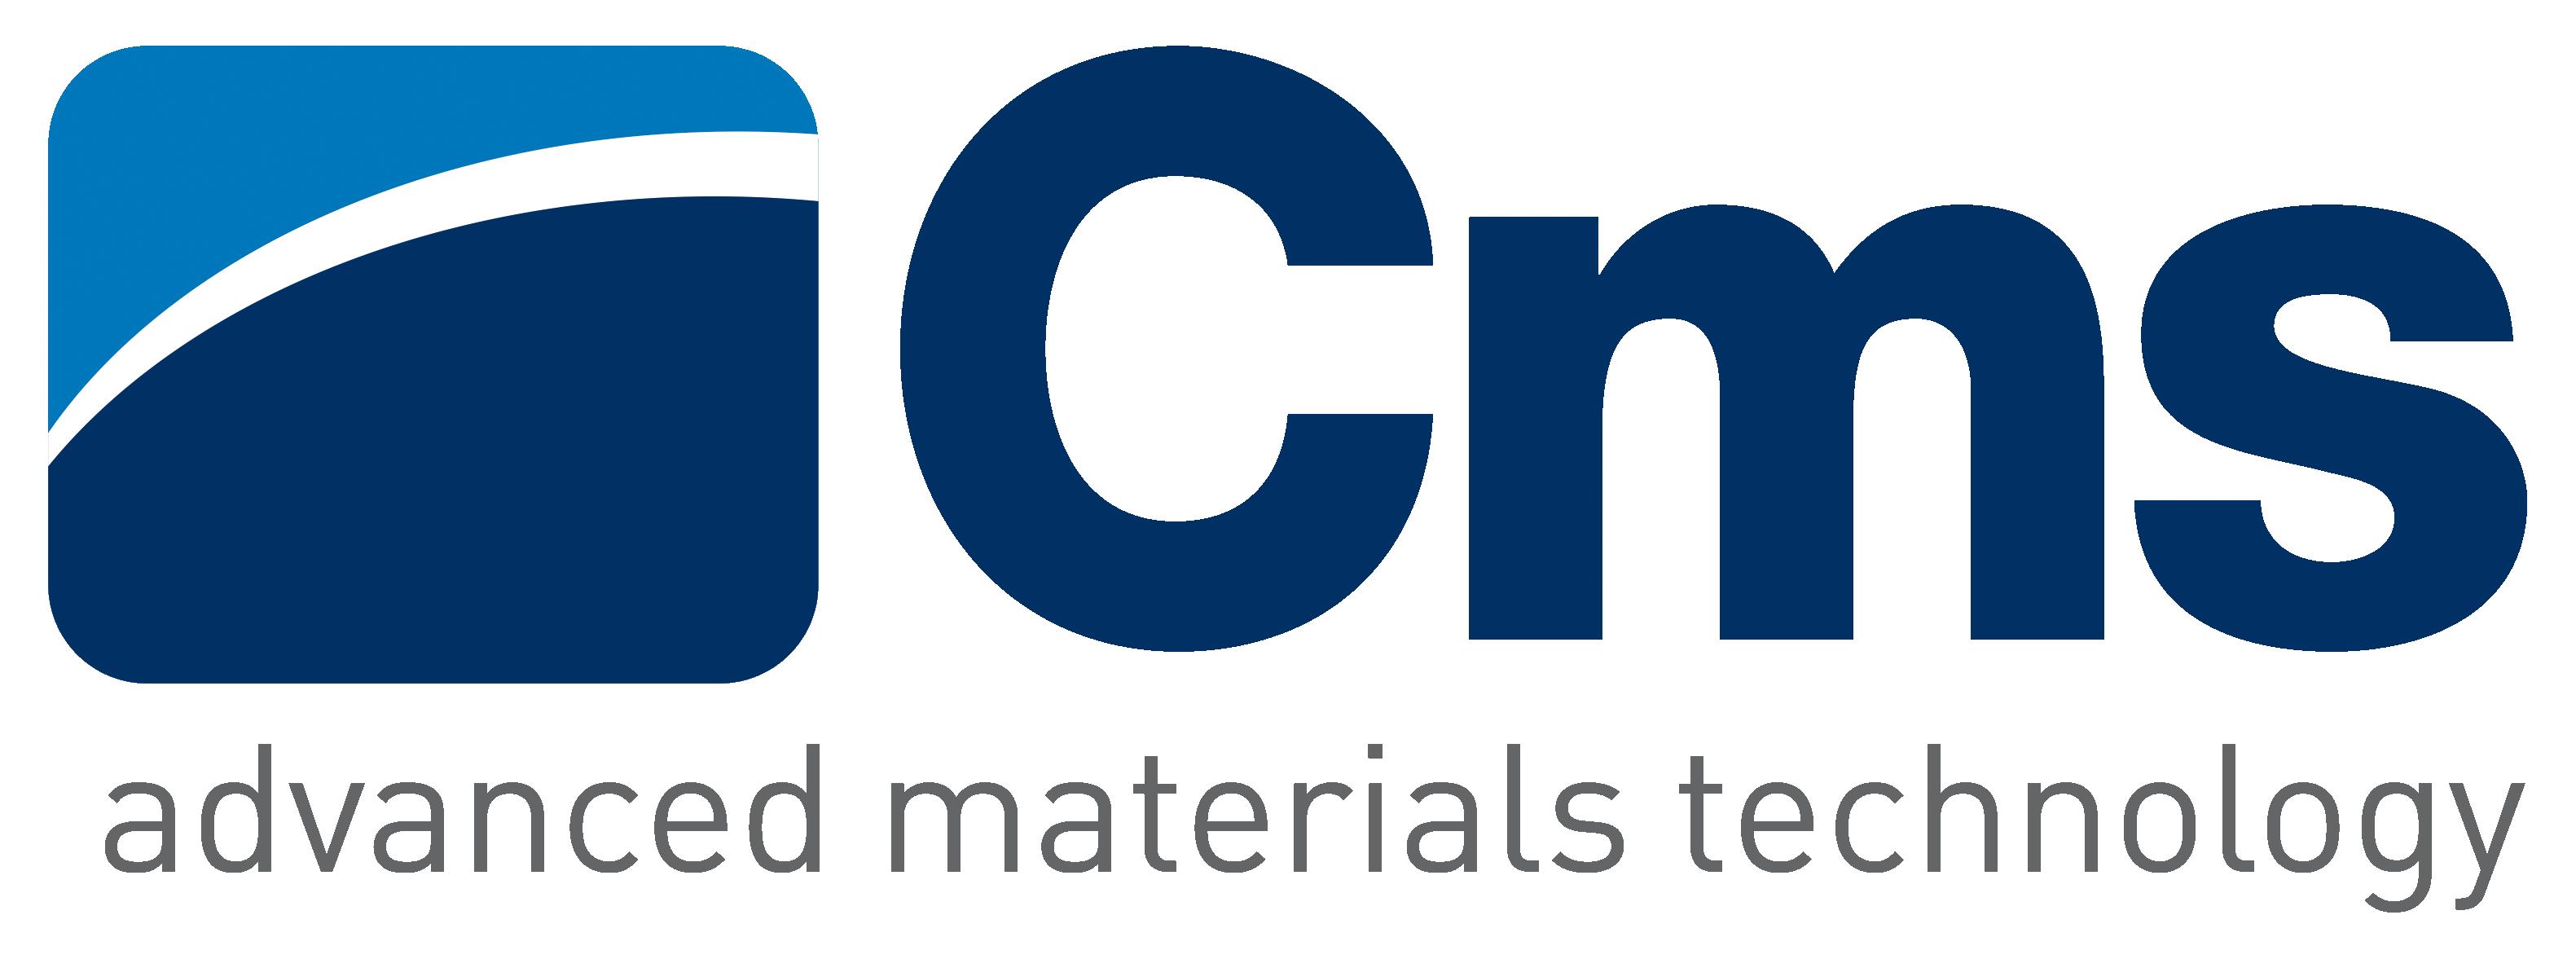 CMS advanced materials technology